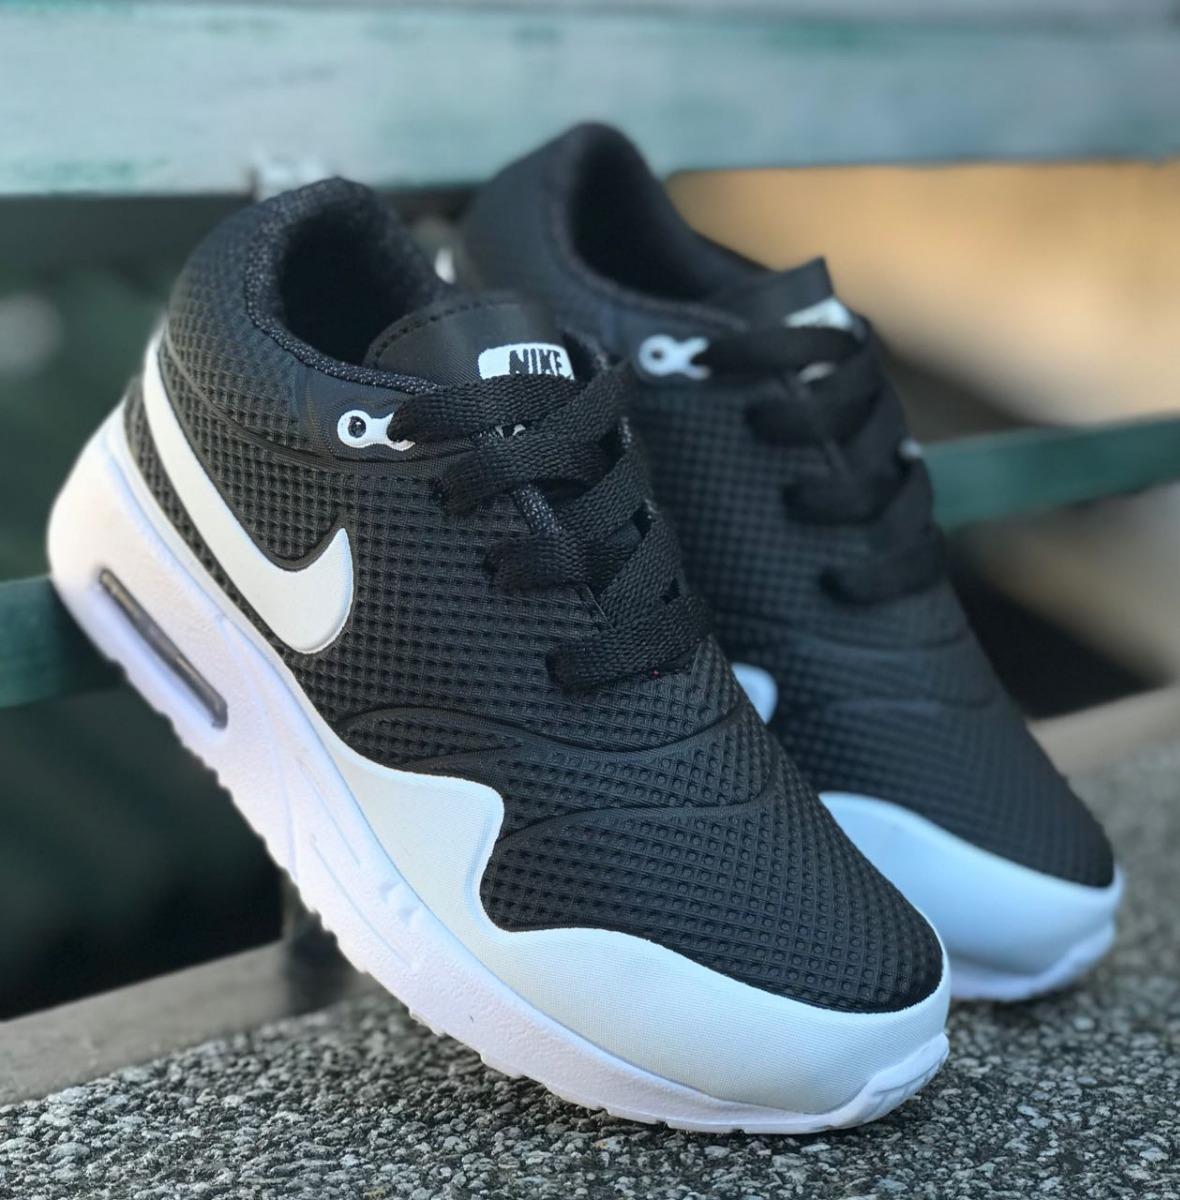 Tenis Zapatillas Nike Niños Envío Gratis - $ 70.000 en Mercado Libre